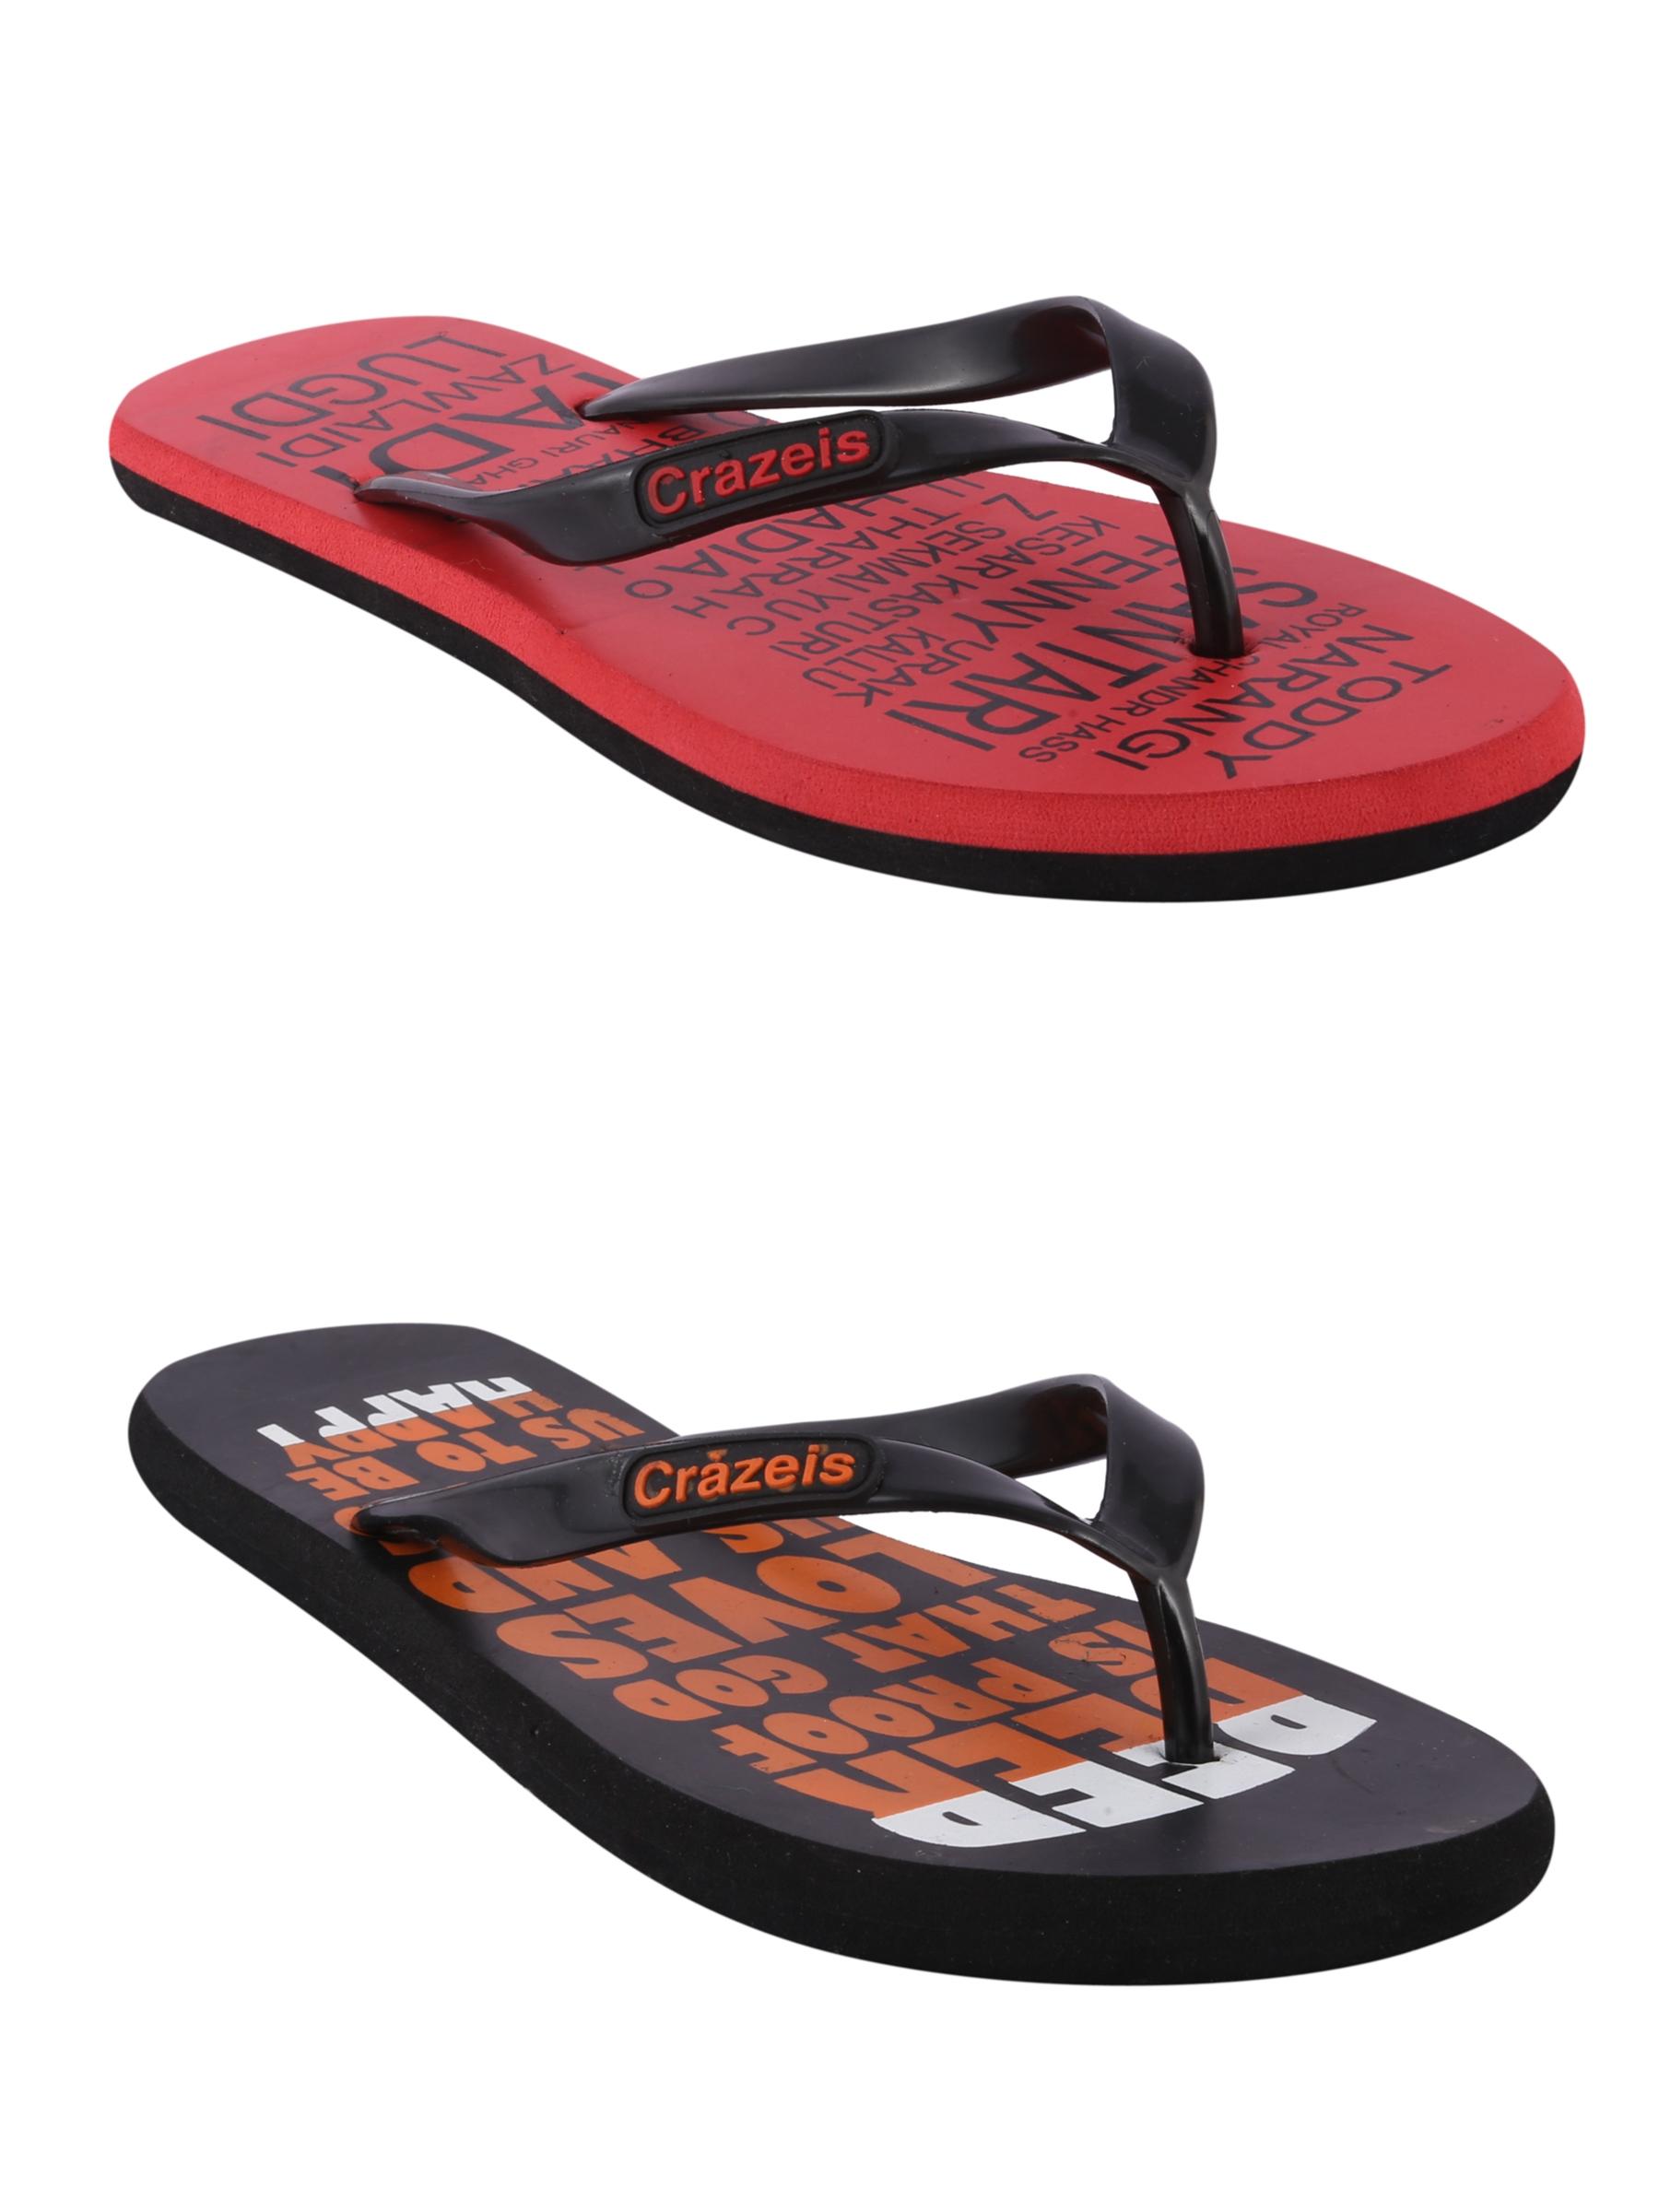 crazeis2 Crazeis Flip-flops Pack Of 2 For Men-025